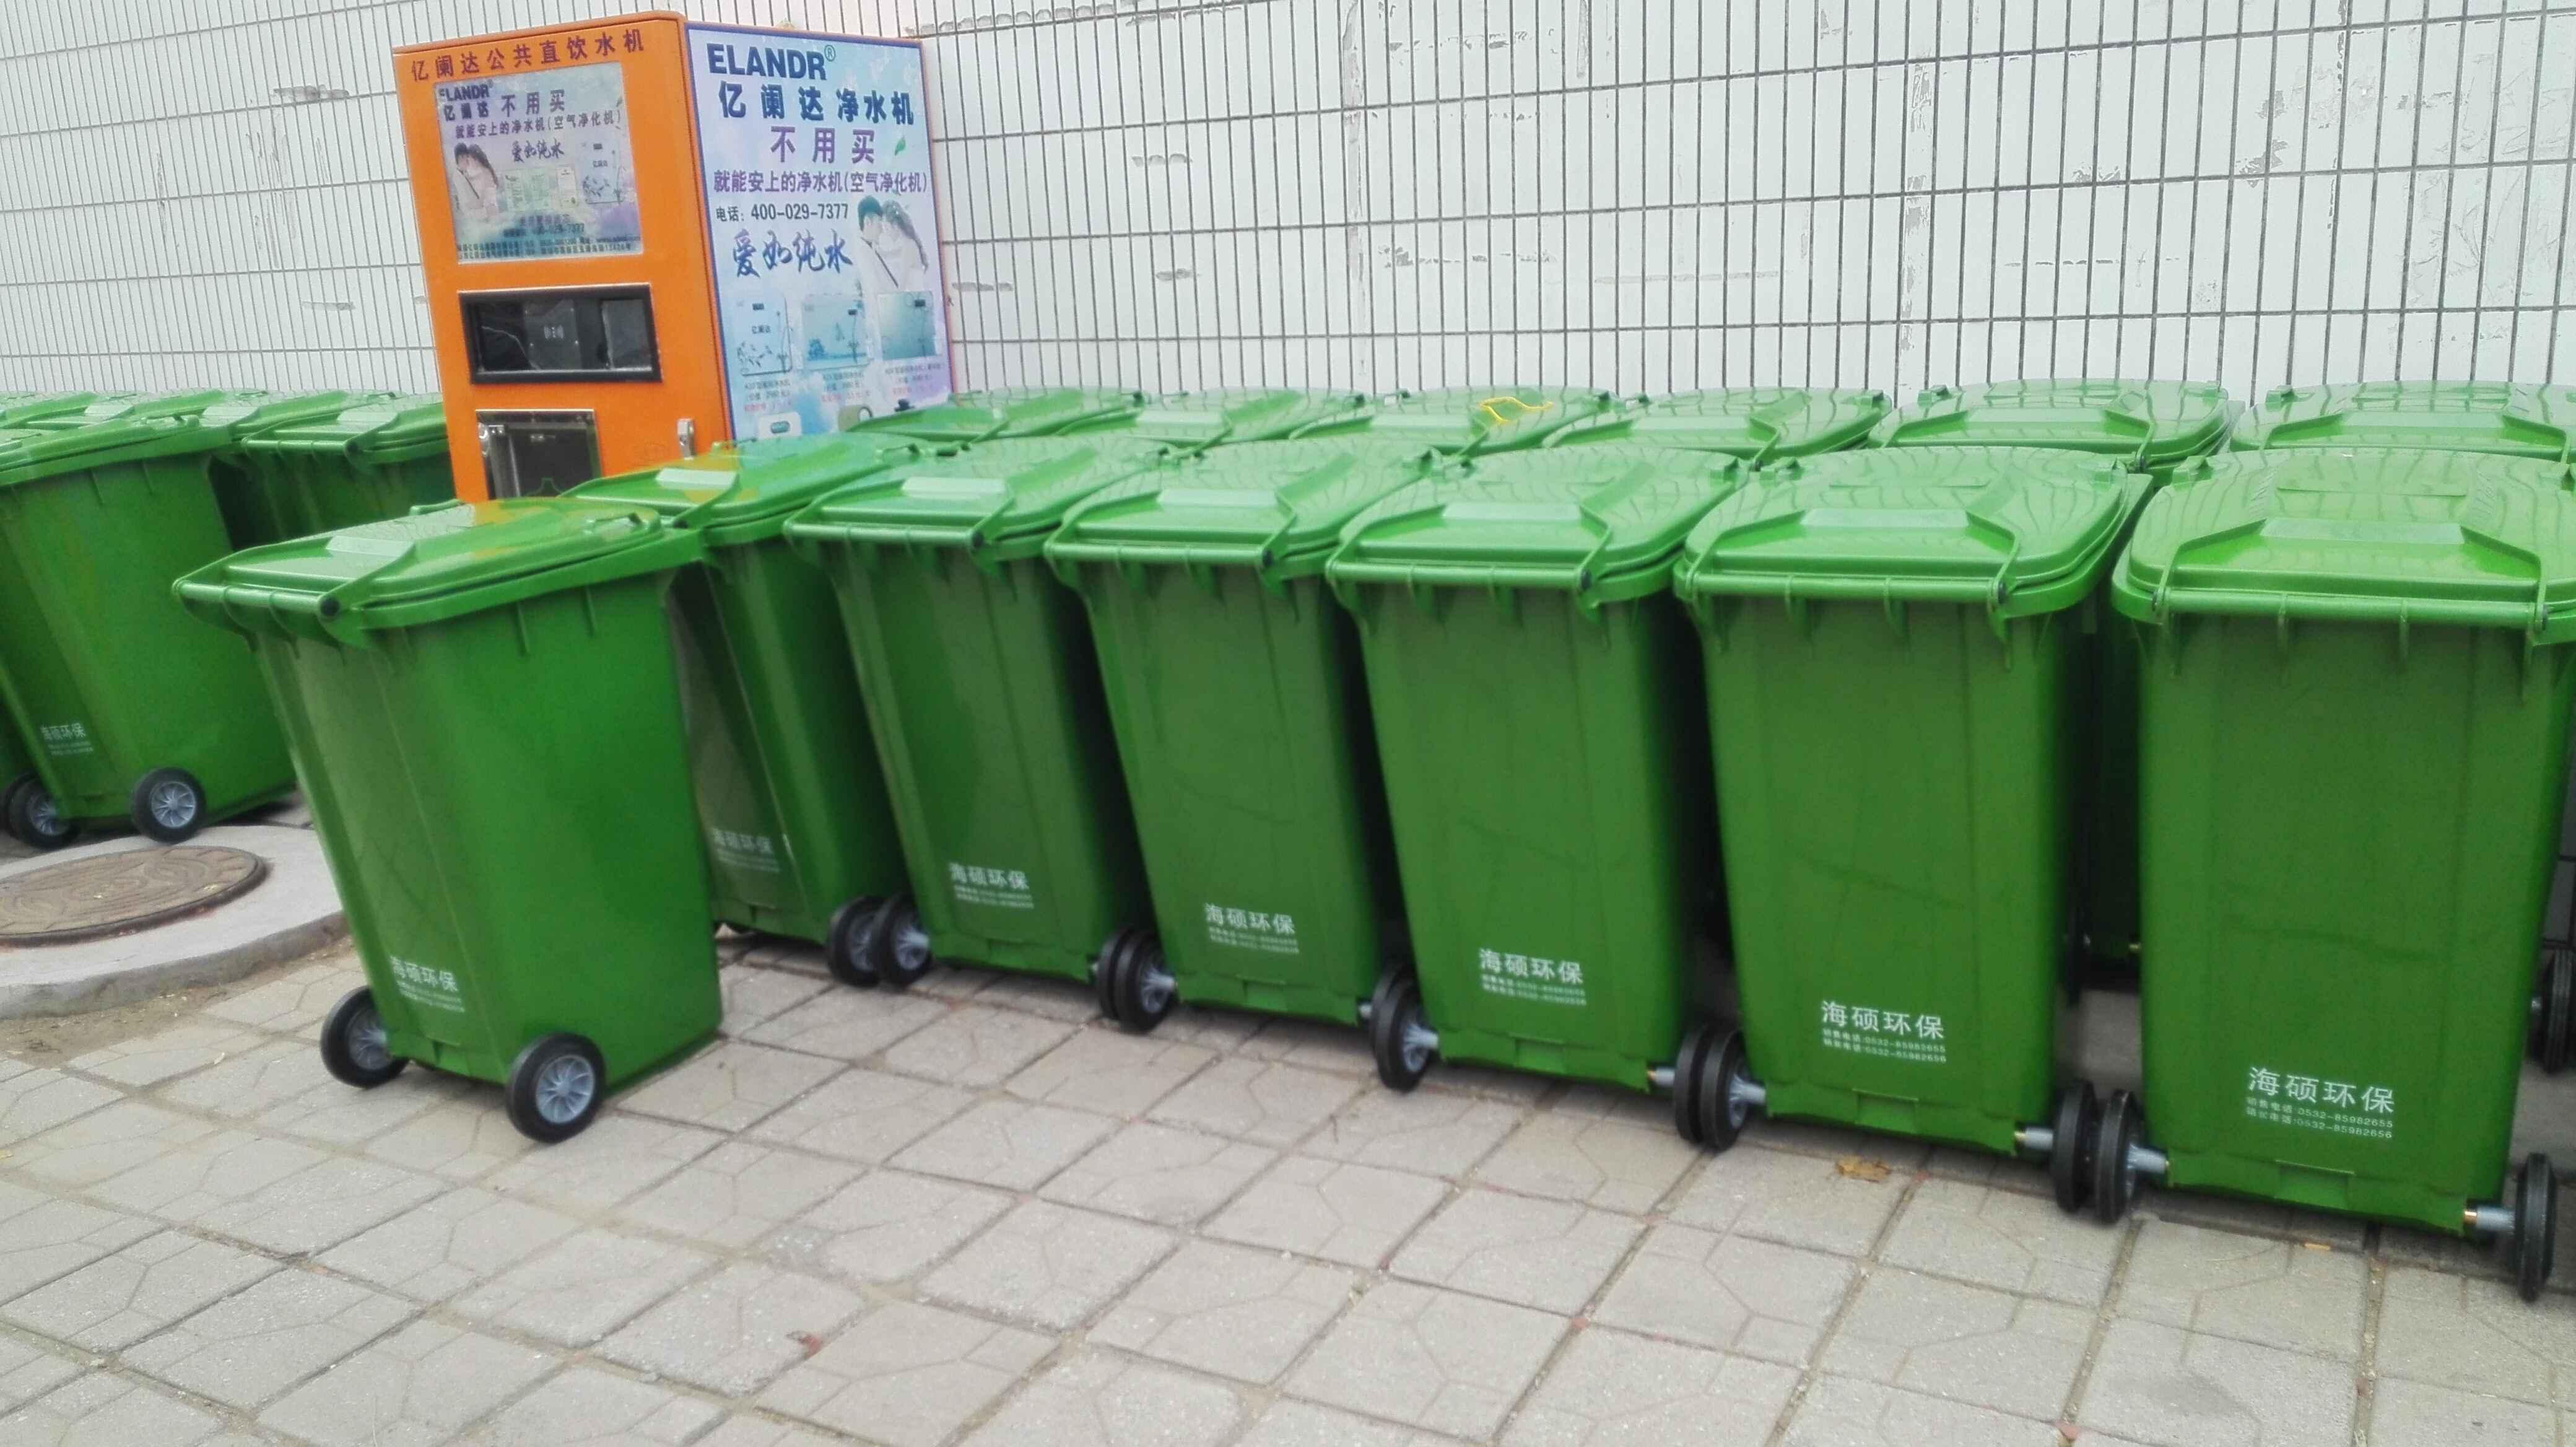 商易宝 产品列表 环境保护 环卫清洁 垃圾桶              &